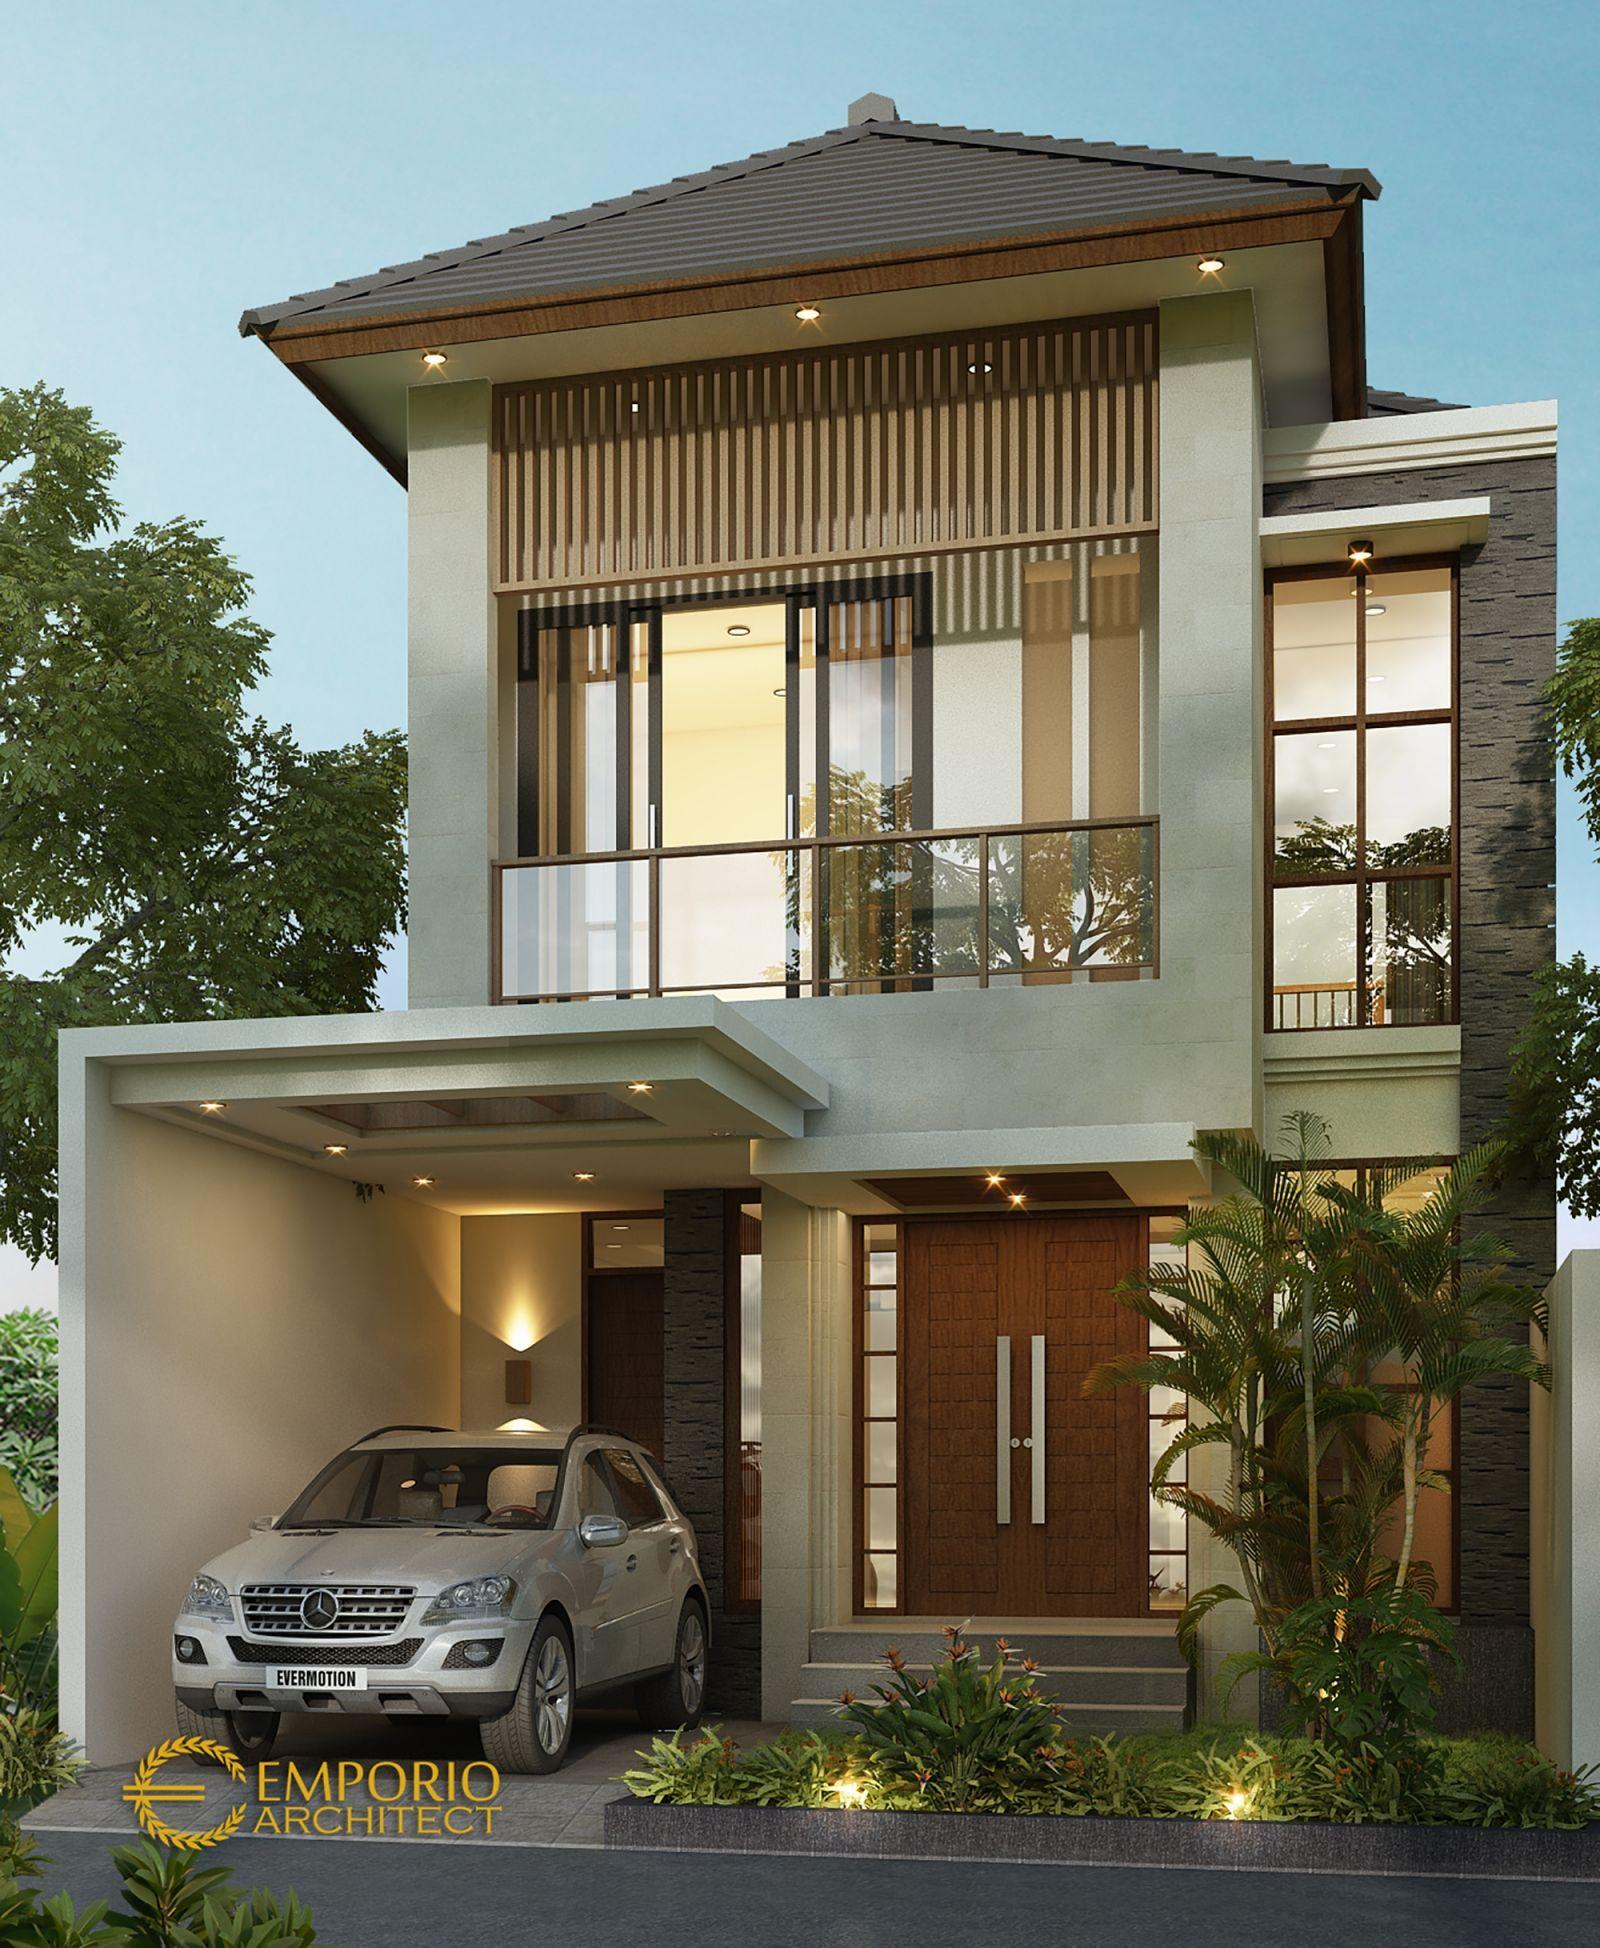 Jasa Arsitek Jakarta Desain Rumah Bapak Utomo Jasa Arsitek Desain Rumah Berkualitas Desain Villa Bali Modern Tropis Profesion Rumah Desain Rumah Rumah Modern